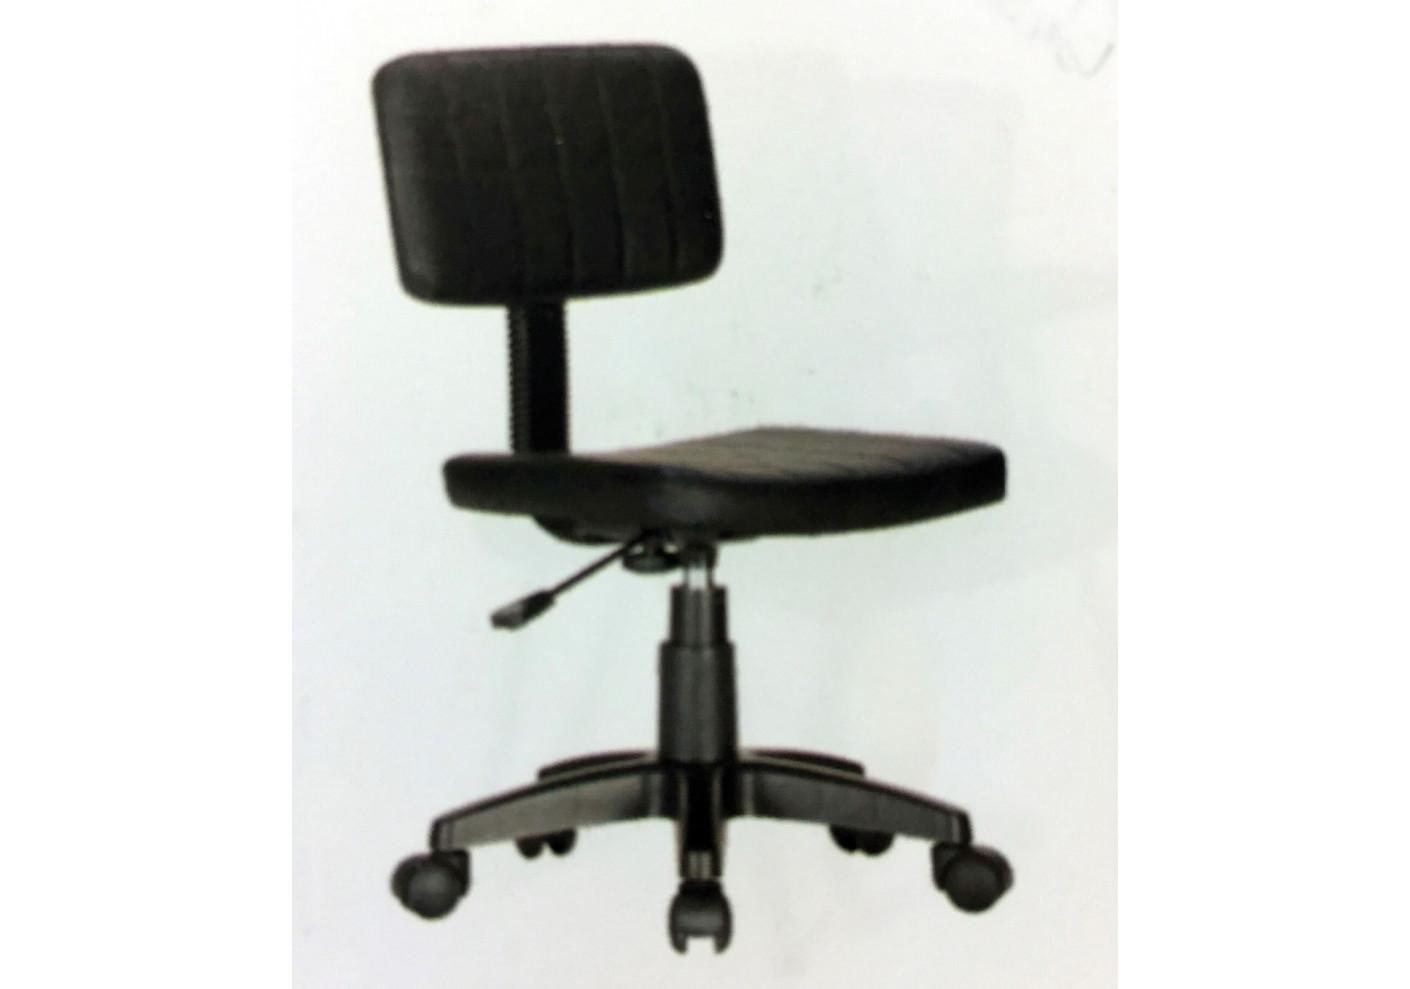 Chaise de bureau noire chaise de bureau sur roulettes relax noire